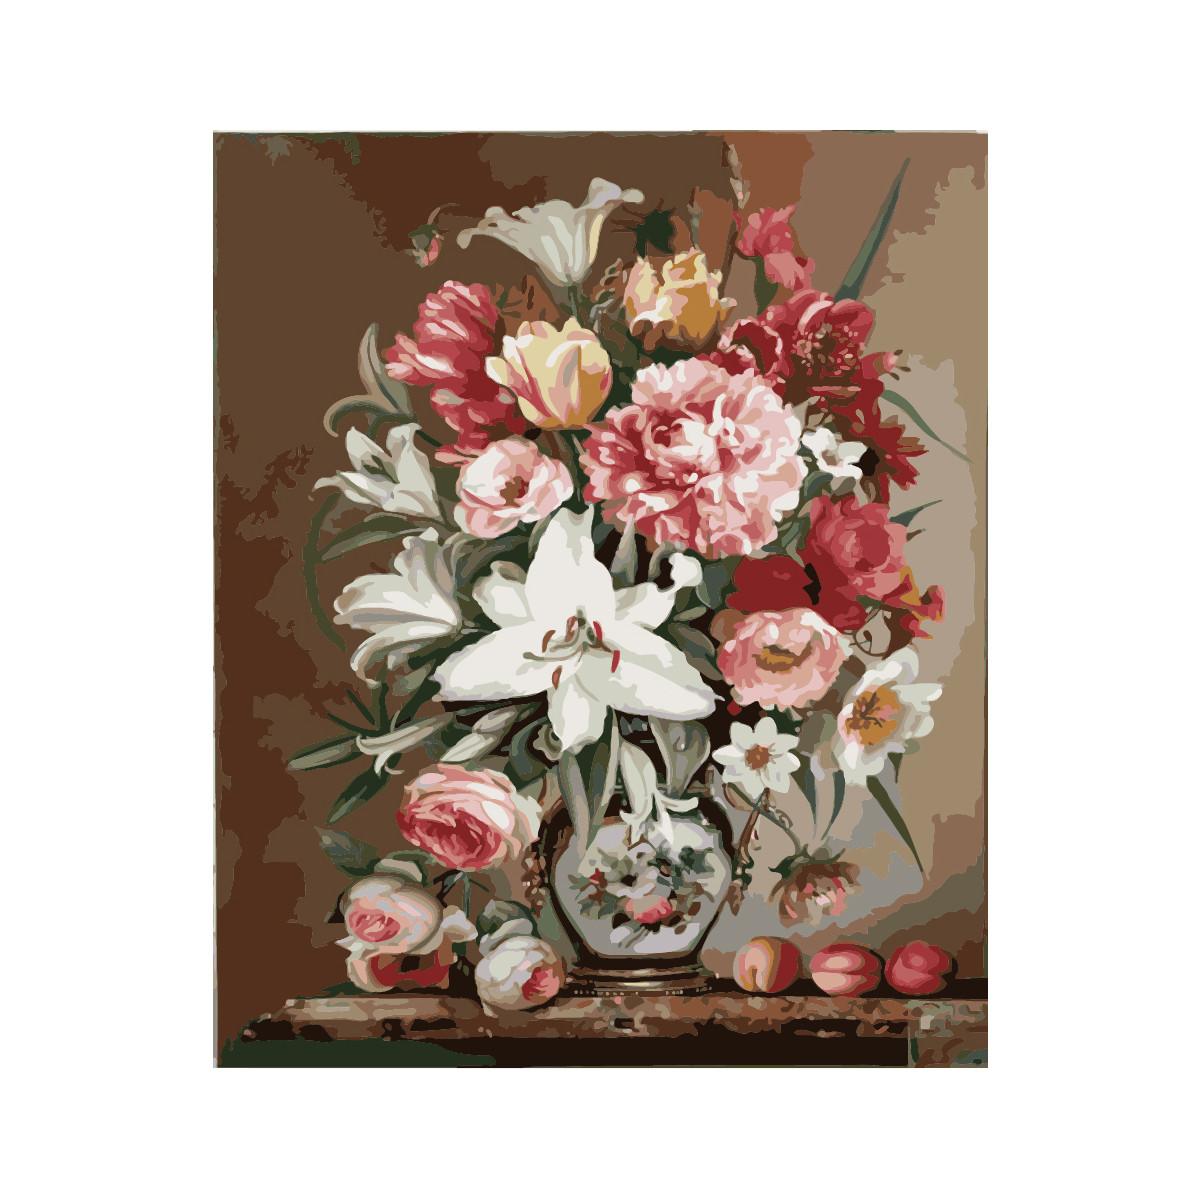 Картина по номерам Роспись на холсте Весенний букет MG1120 40*50 (без коробки)